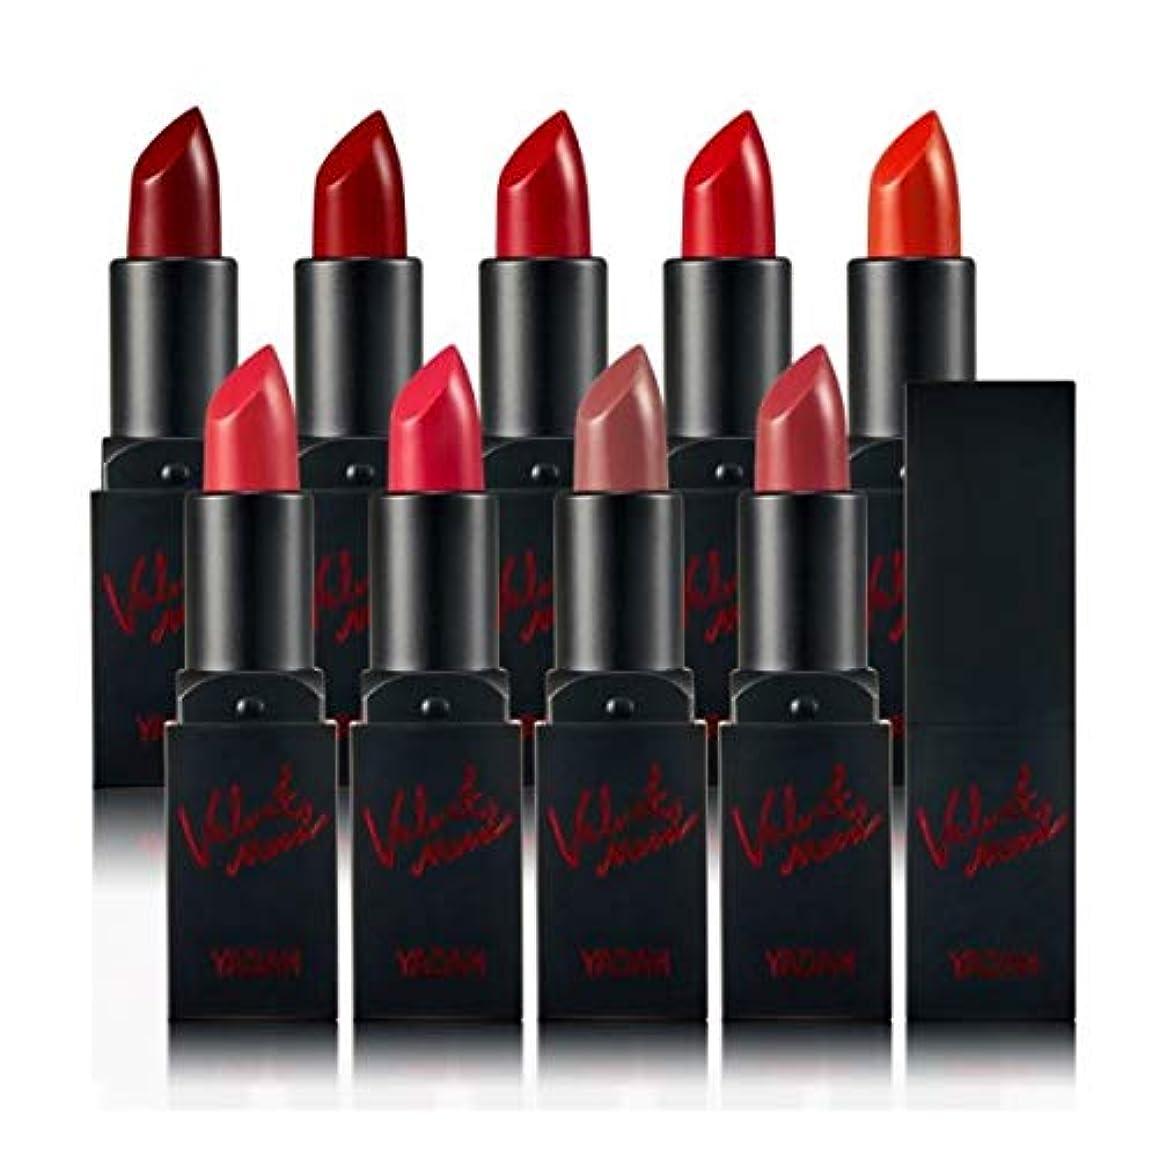 輪郭発生悪性YADAH Velvet Mood Lipstick #07 Neon Magenta 3.3g ベルベットムードマットリップスティック - 3.3g[並行輸入品]